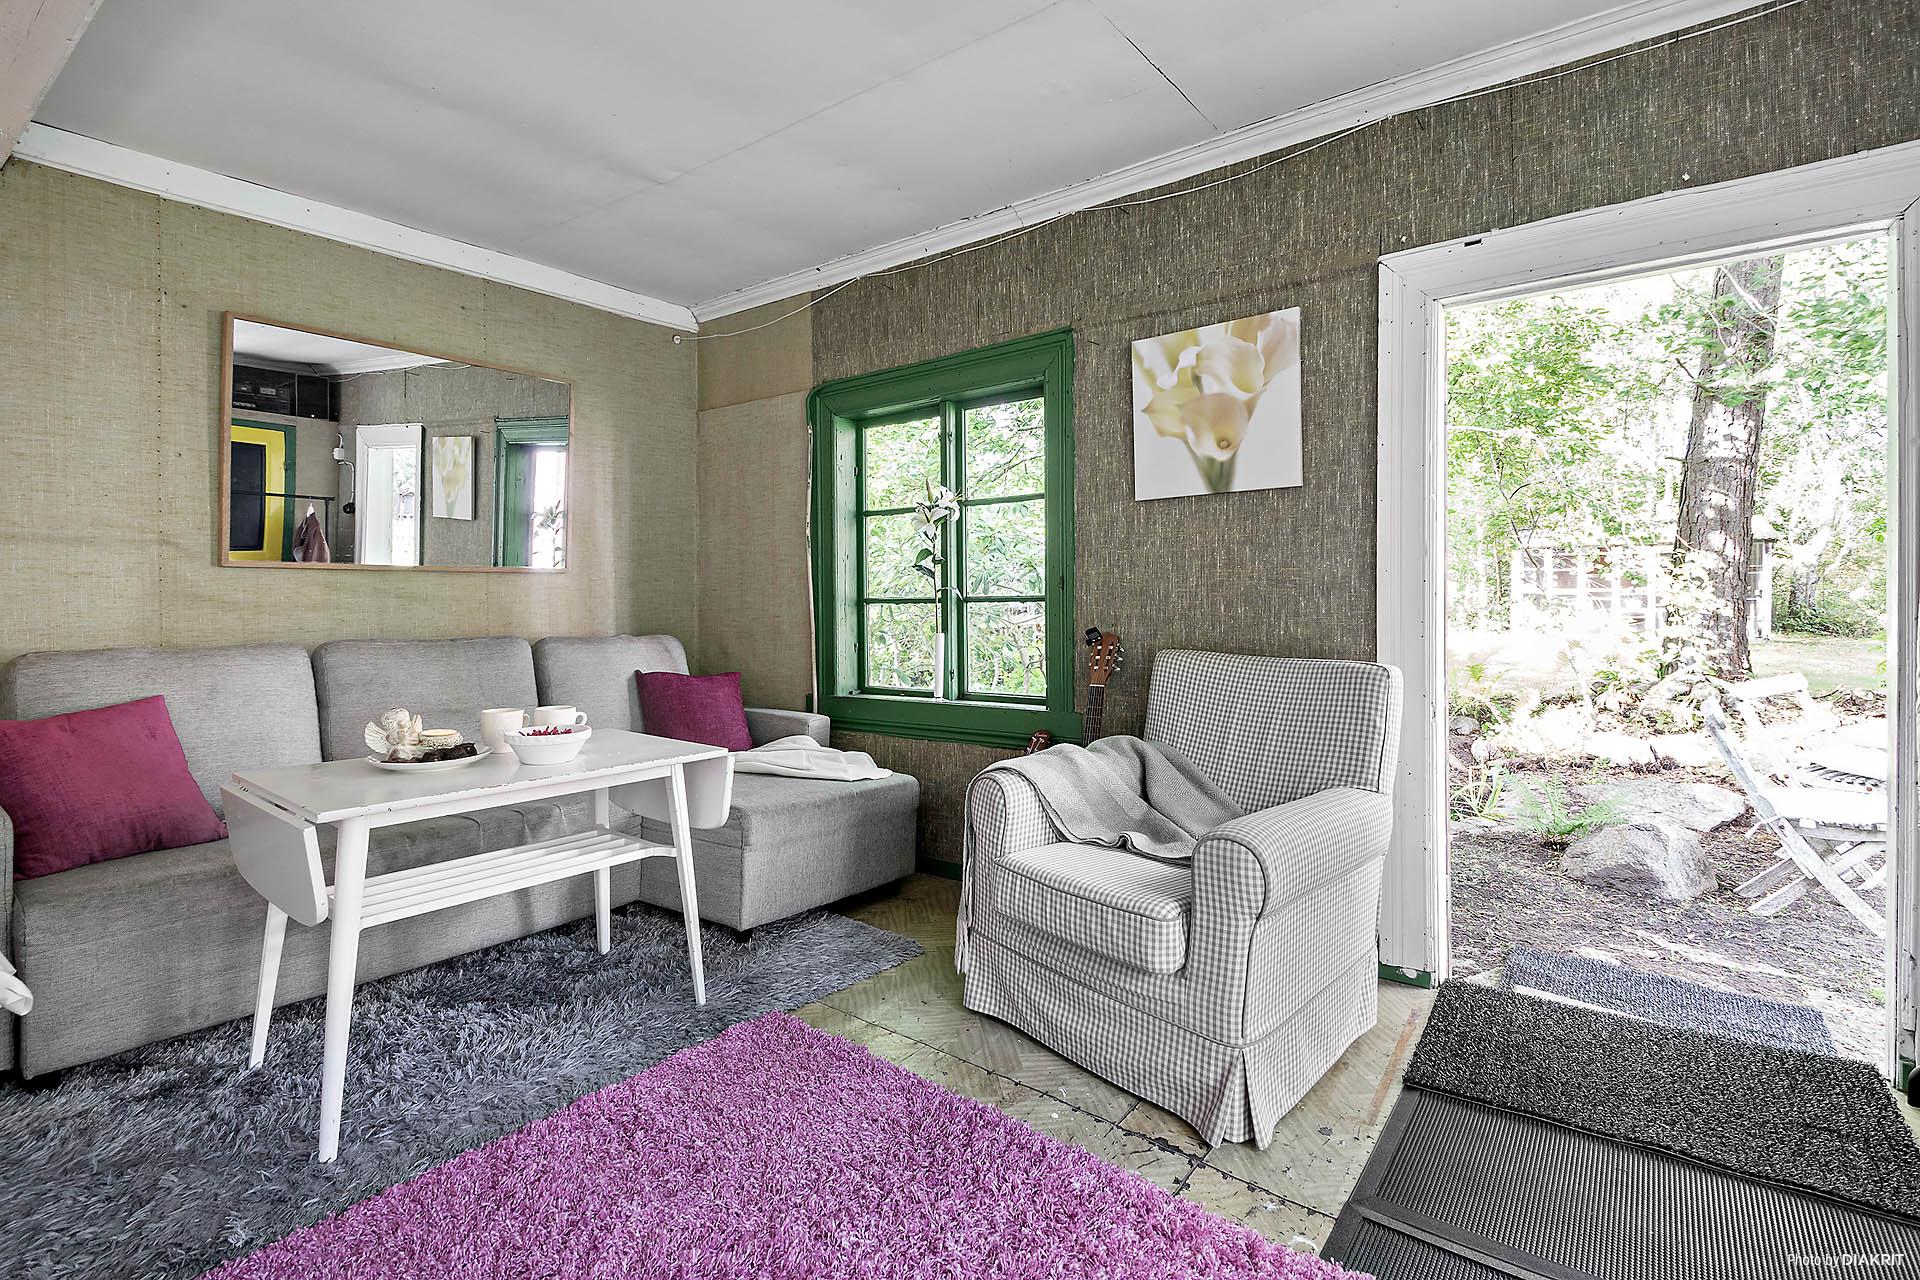 Gästrummet i gårdshuset ger gott om extra utrymme (hela sex sovplatser i dagsläget) för vänner & släkt på besök